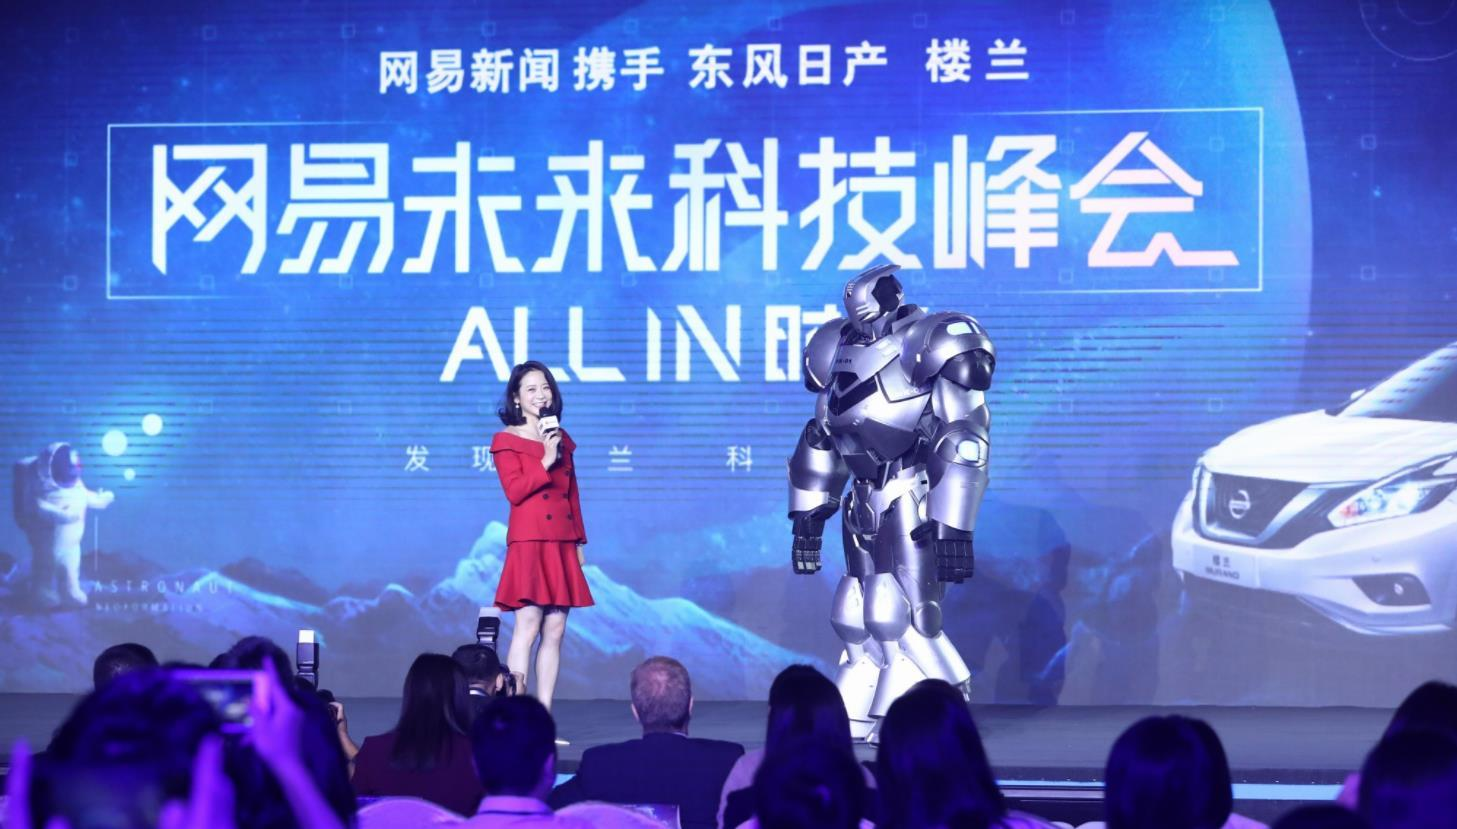 网易未来科技峰会大咖说:人工智能变局未来掌握谁手